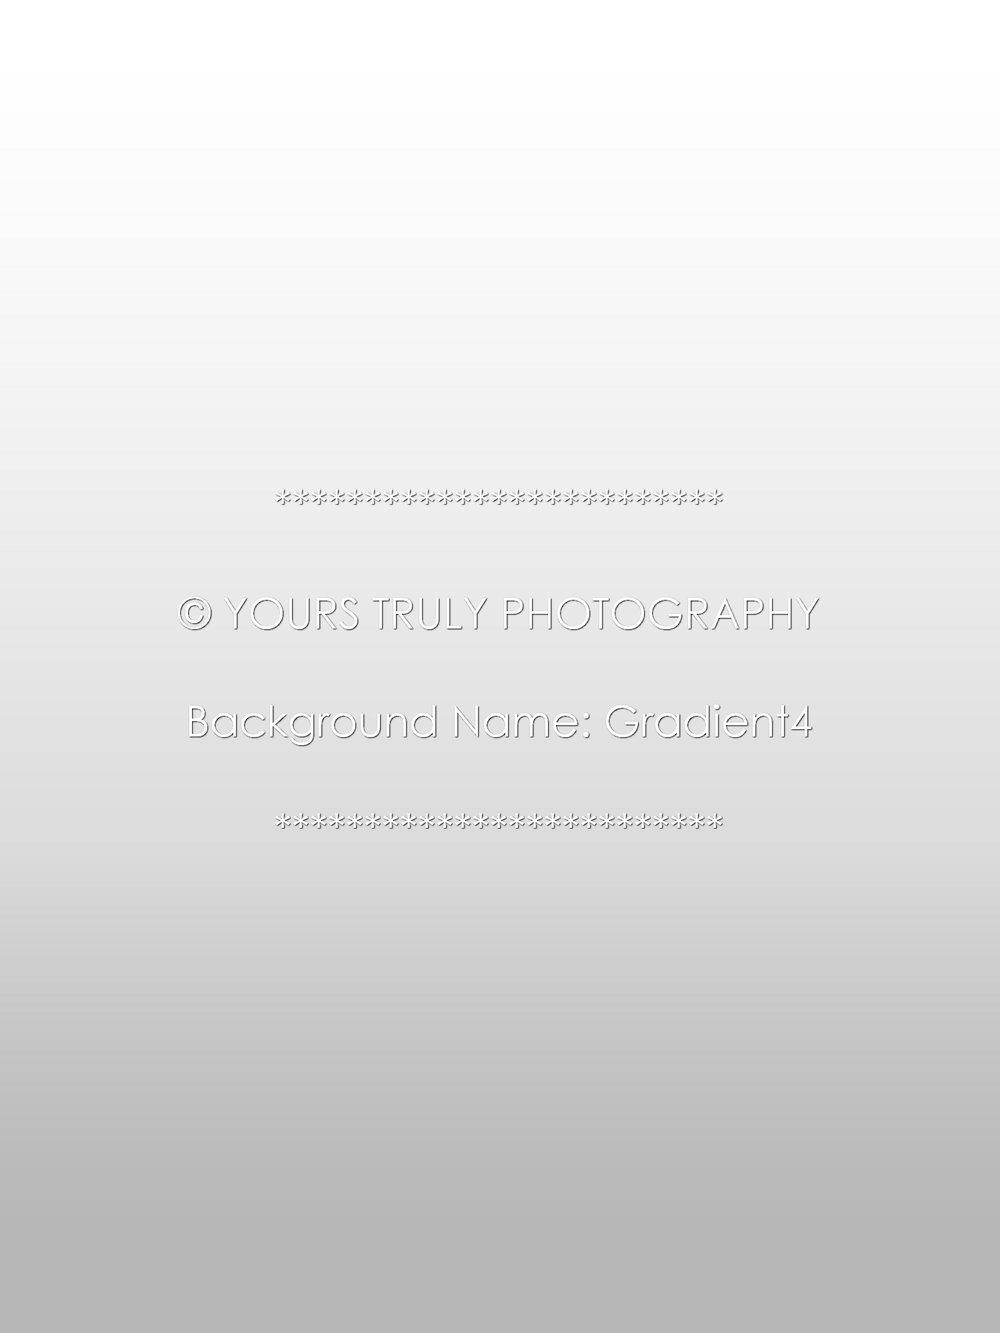 Gradient4.jpg